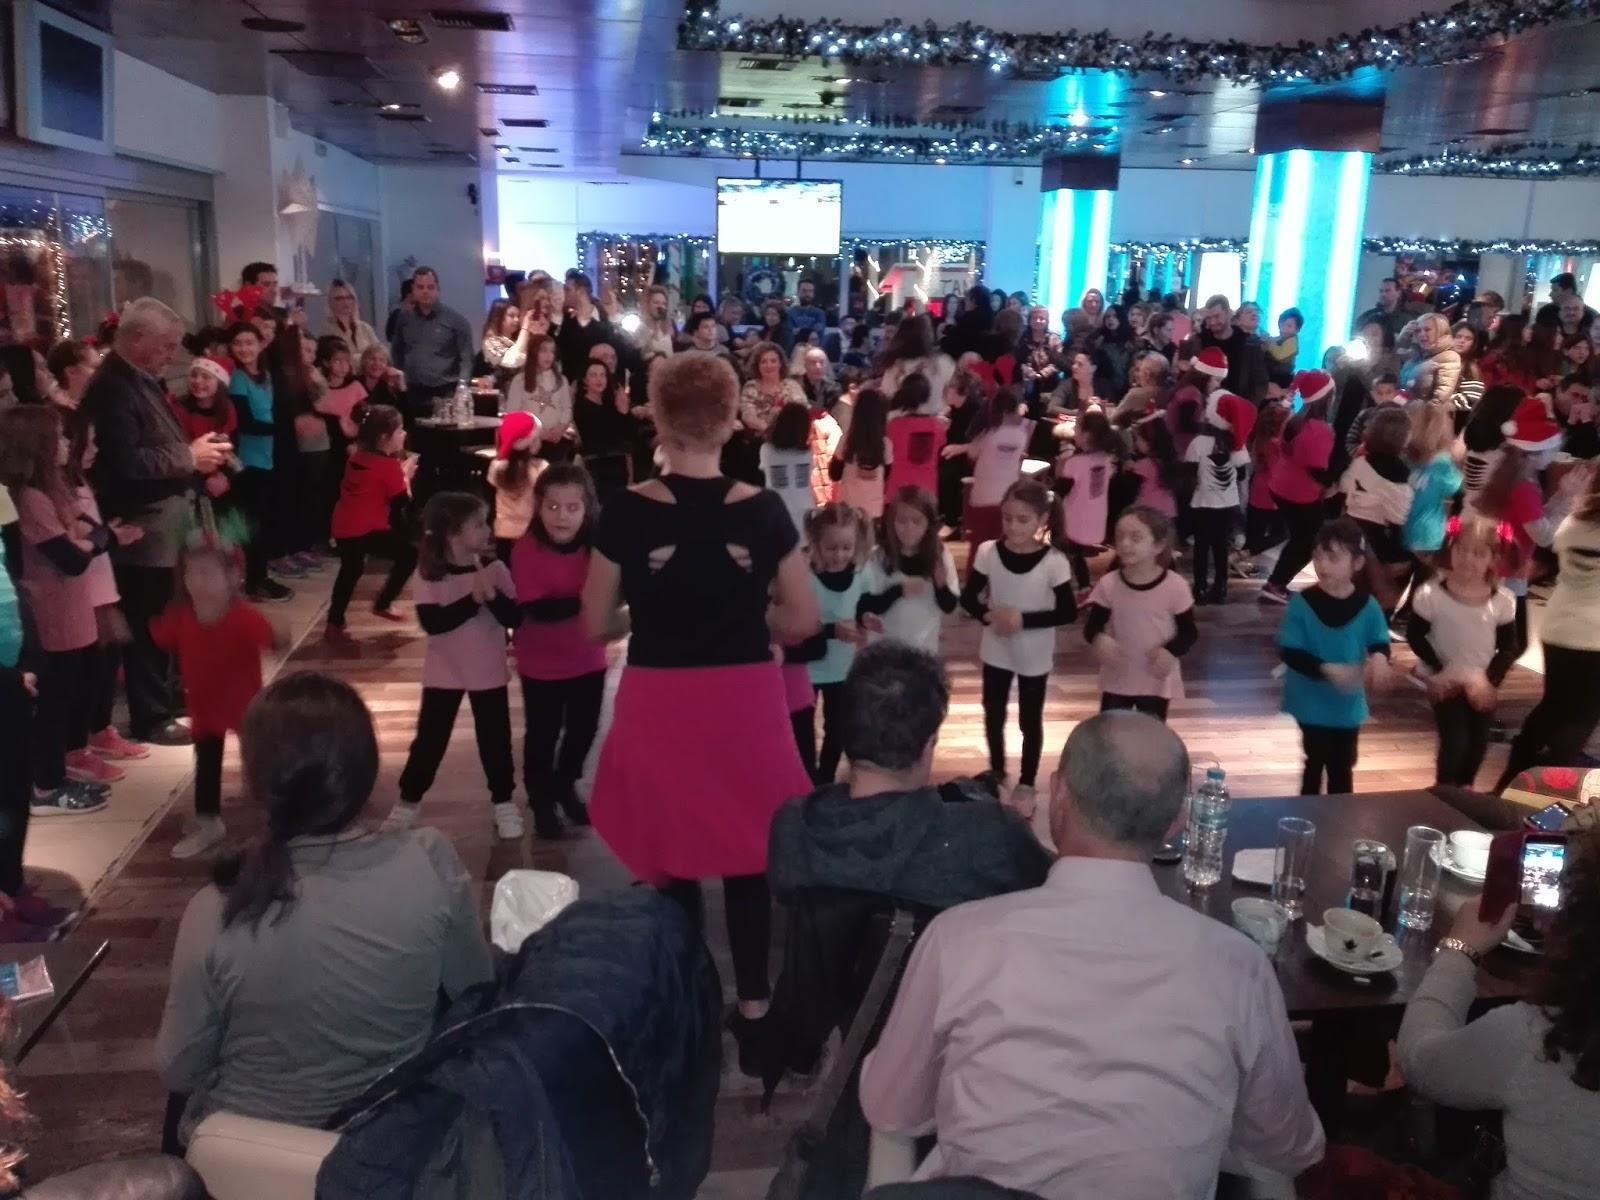 Ιωάννινα:Χορευτική εκδήλωση στο «PLAY HALL» από το σύλλογο «Πήγασο»